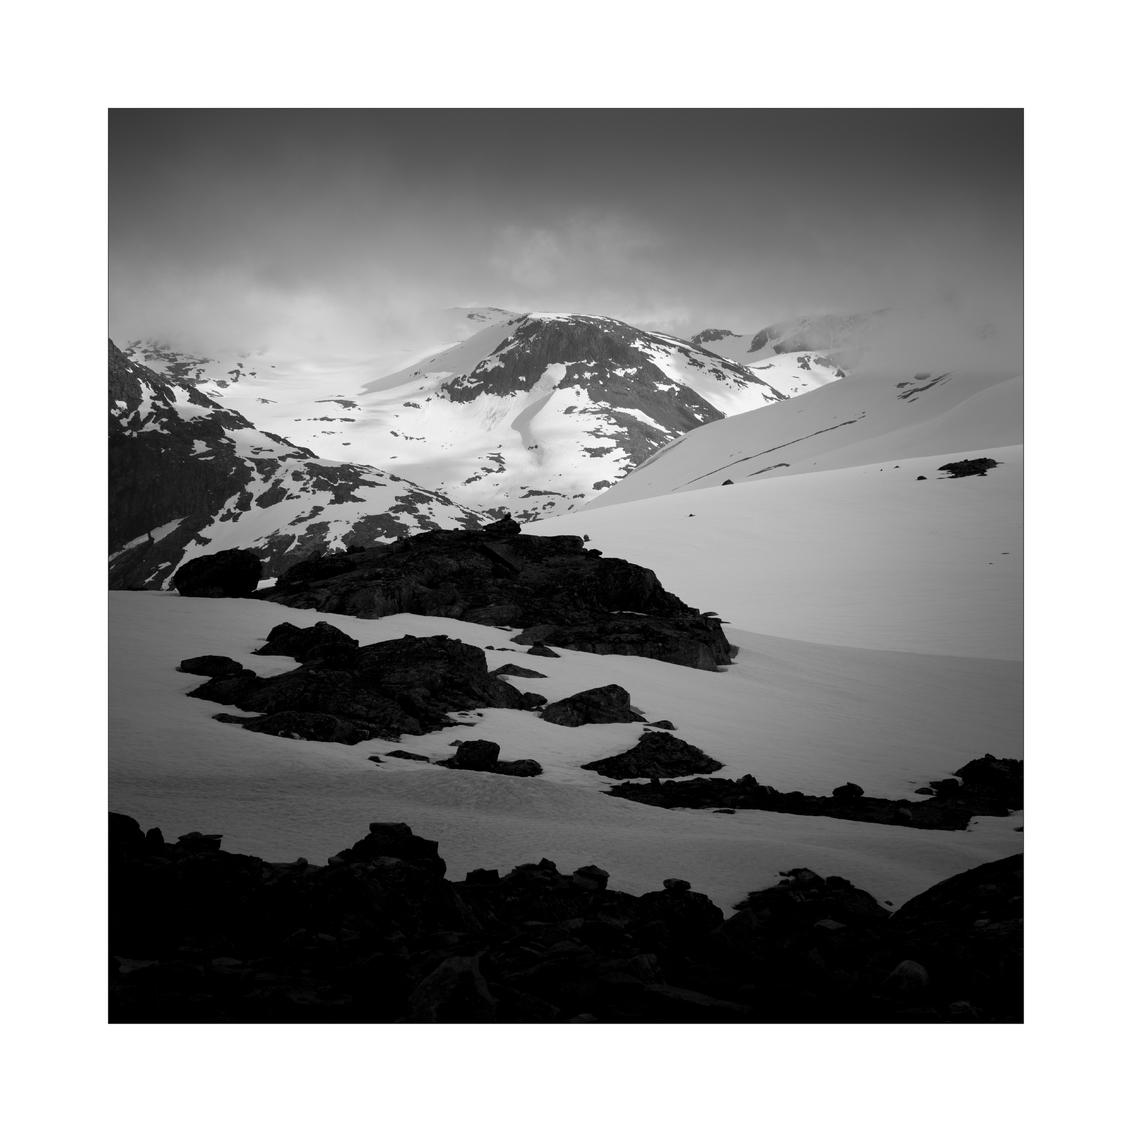 Northern Spirit. III - Uitzicht vanaf Dalsnibba viewpoint, Noorwegen. - foto door Joshua181 op 24-12-2017 - deze foto bevat: lucht, wolken, natuur, licht, sneeuw, avond, vakantie, landschap, bergen, noorwegen, zwartwit